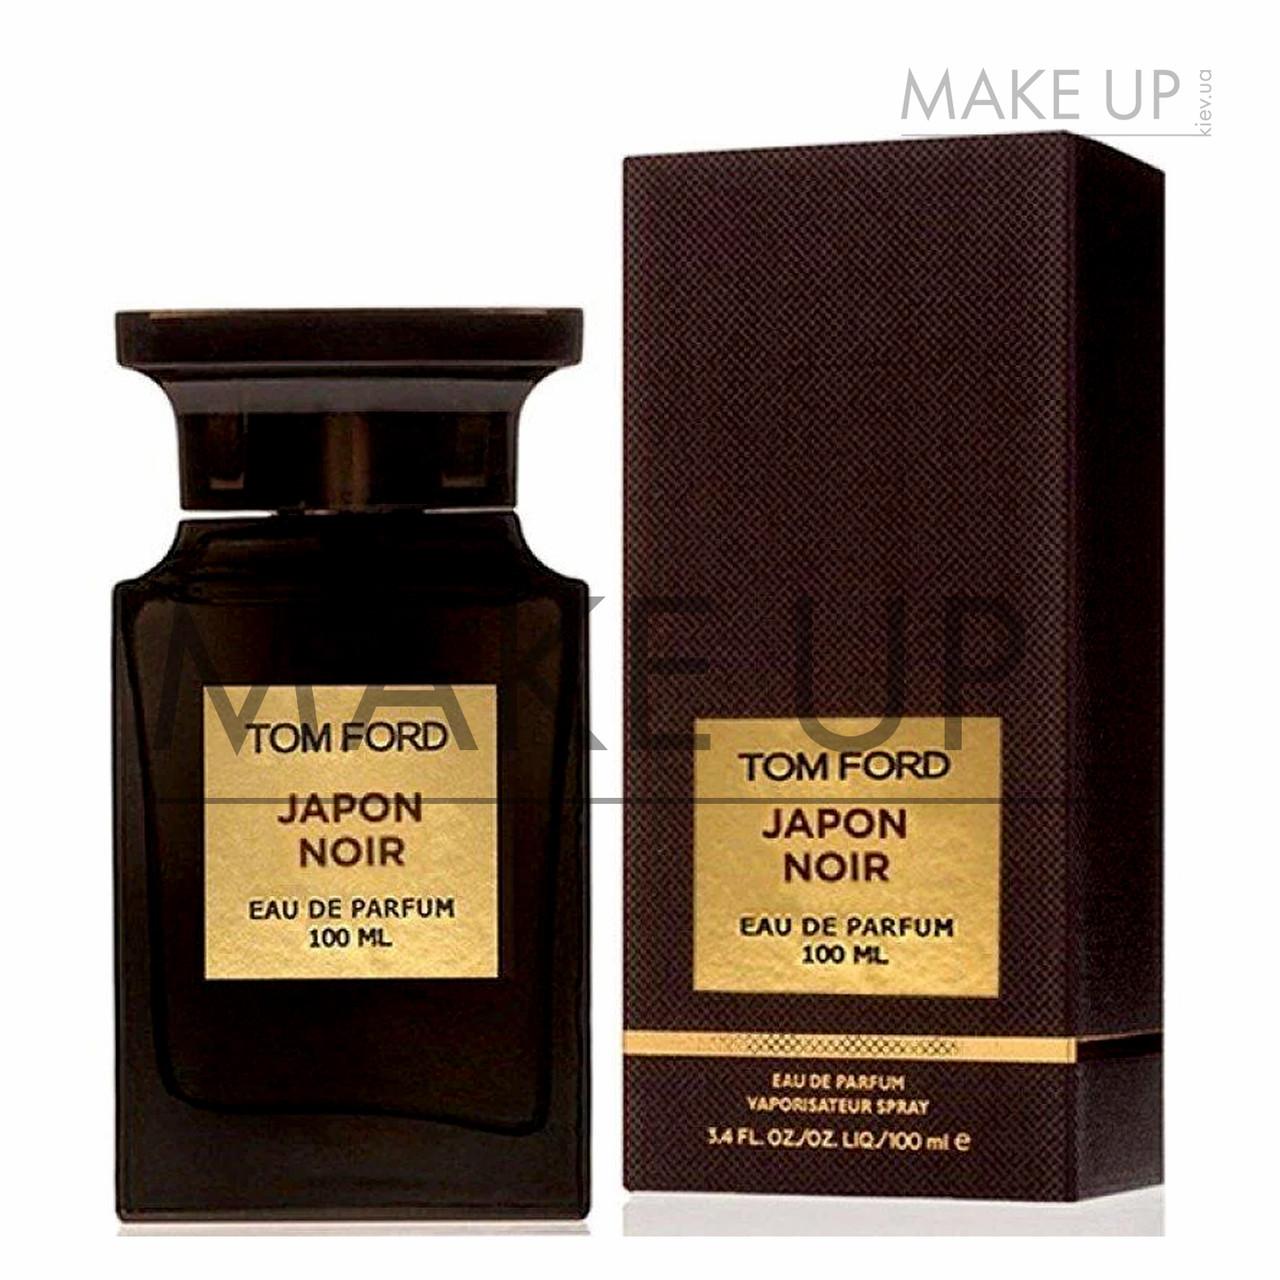 Женская парфюмированная вода Tom Ford Japan Noir EDP 100 мл. | Лицензия Объединенные Арабские Эмираты